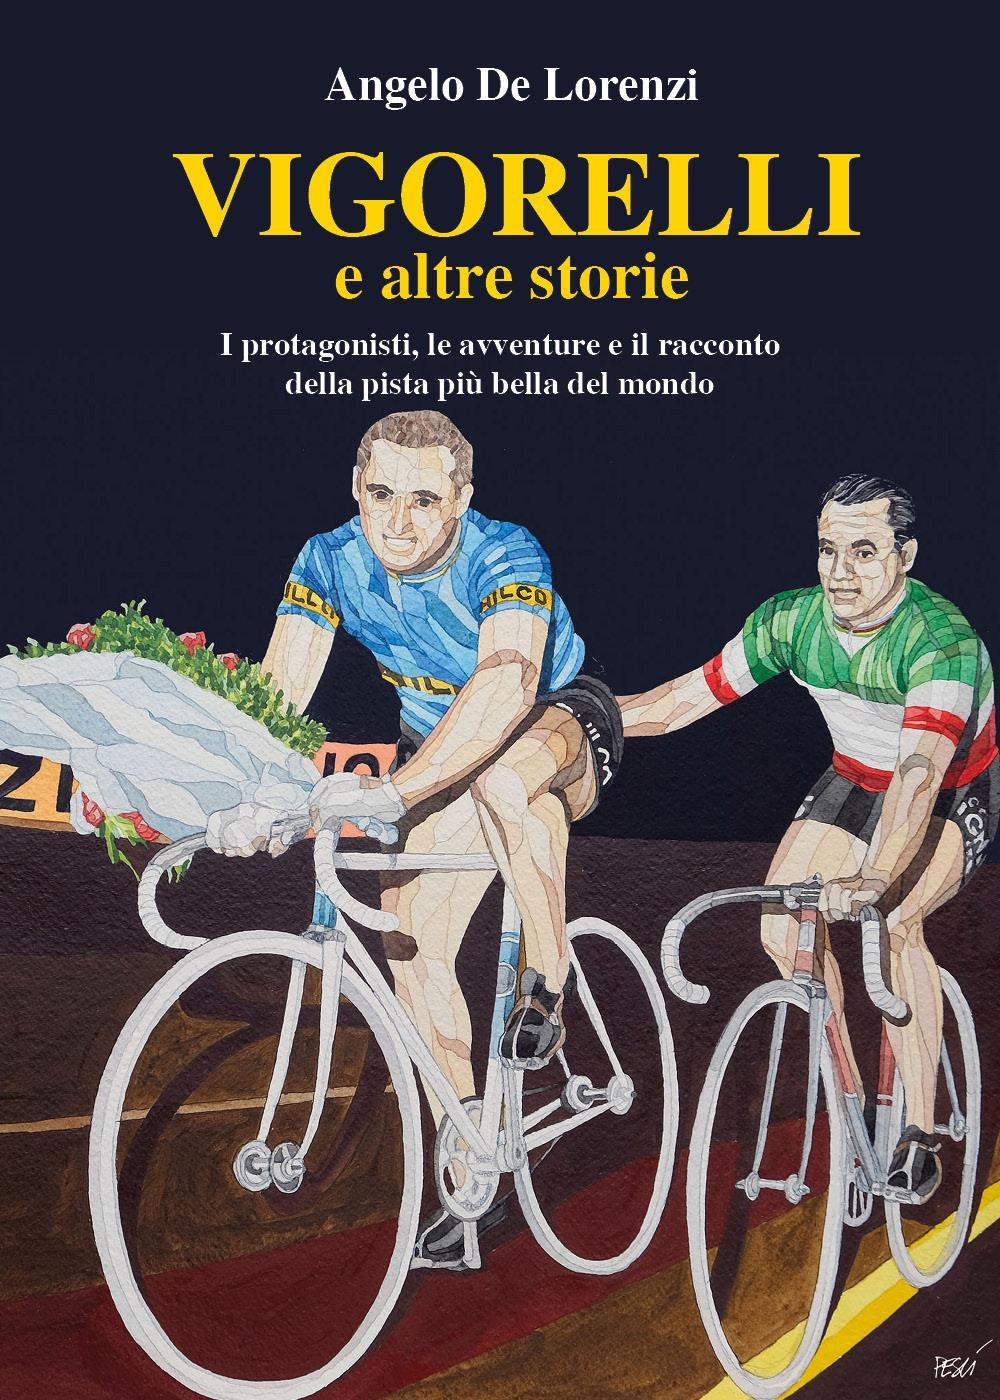 Vigorelli e altre storie